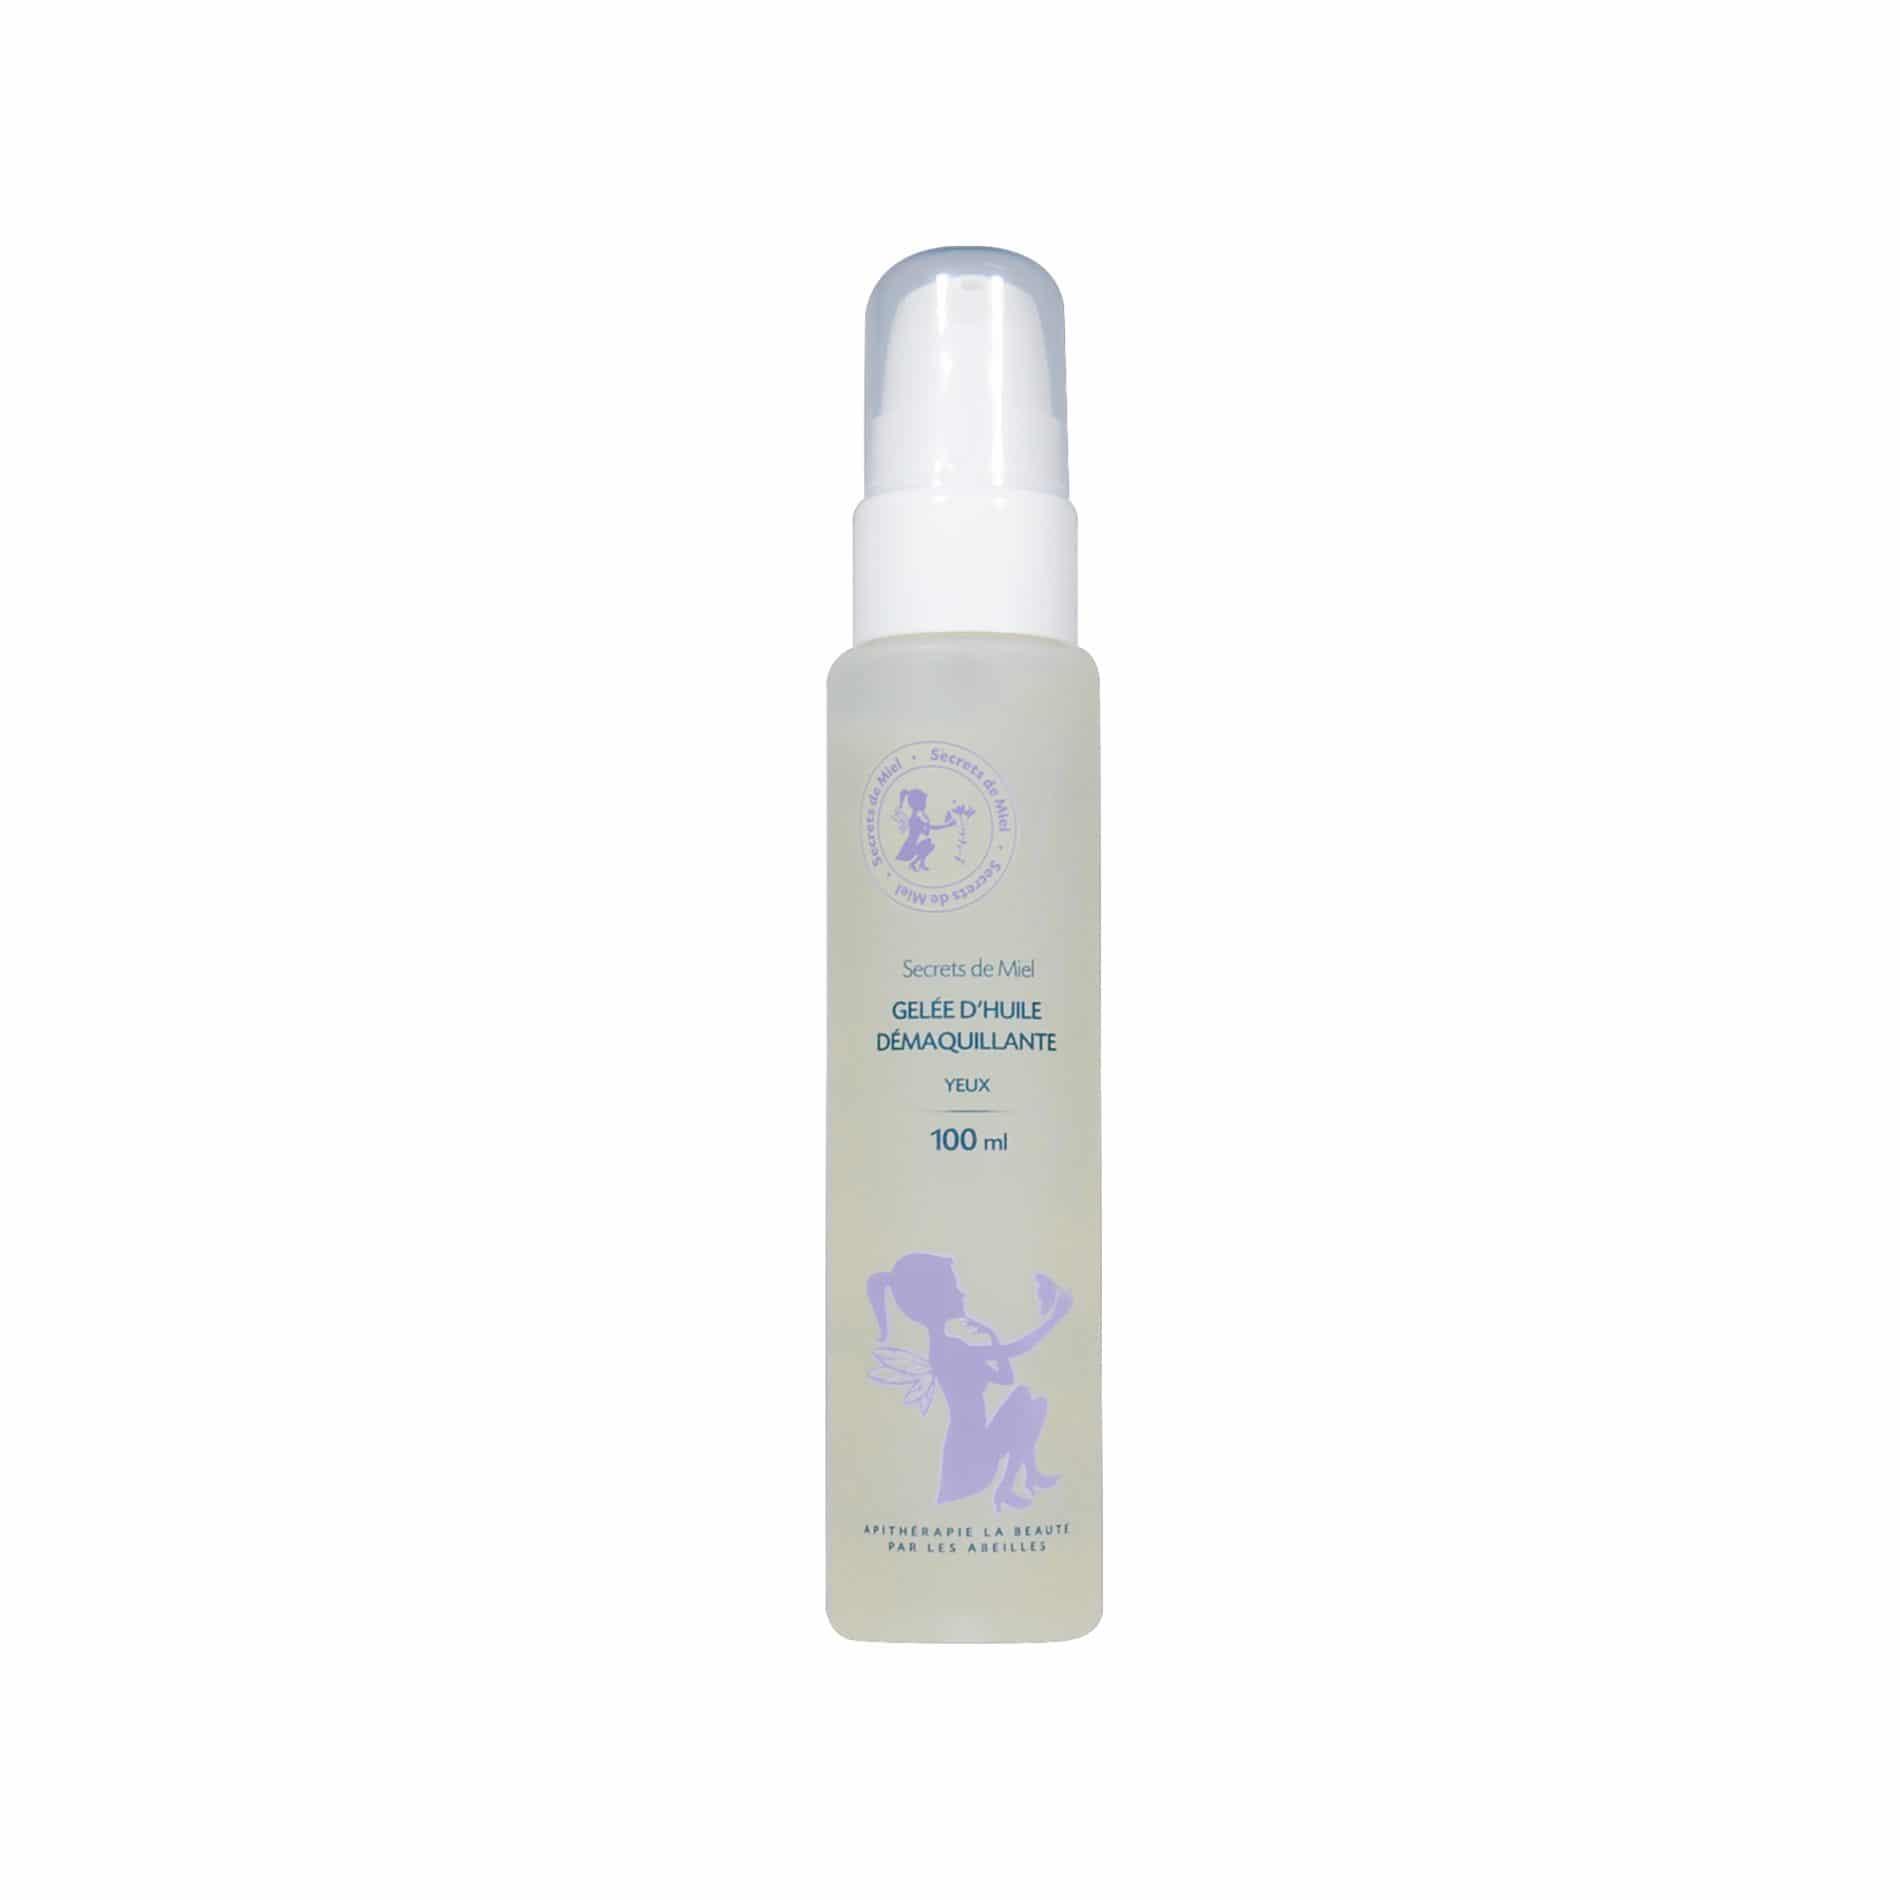 Gelée d'Huile démaquillante - démquille - visage - bon pour la peau - douceur - protège - produit naturel - Secrets de Miel